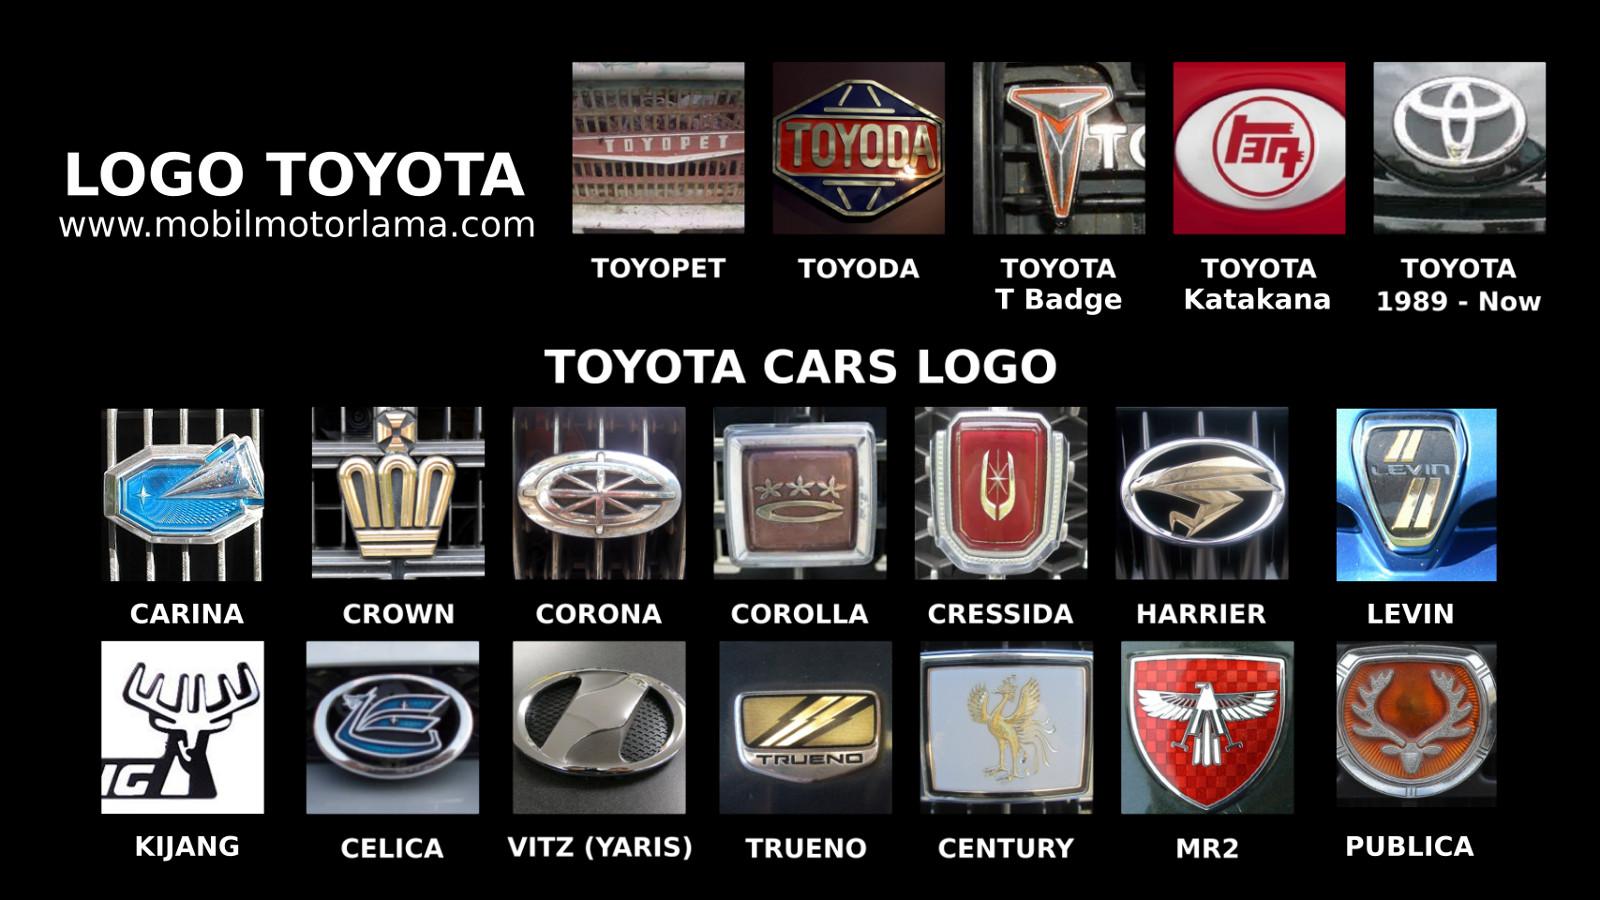 mengenal berbagai macam logo mobil toyota mobil motor lama